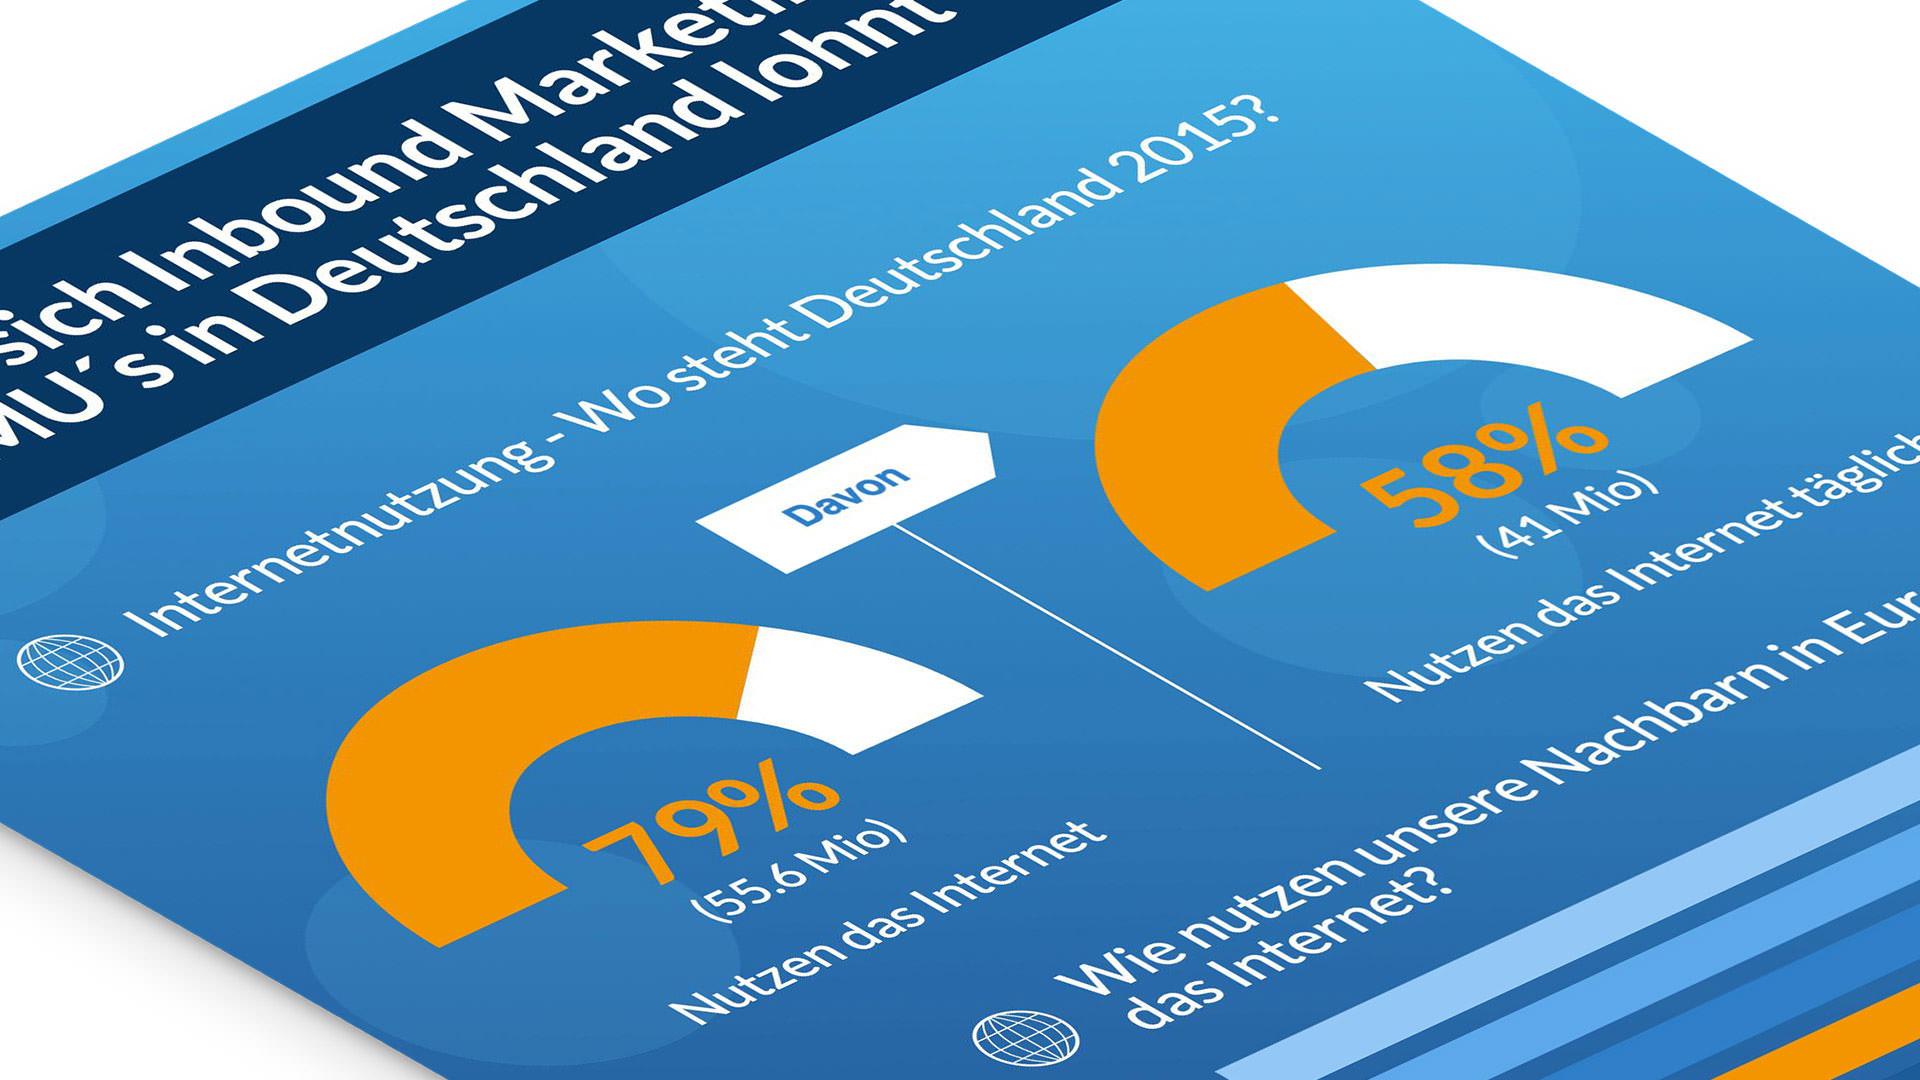 internet-nutzung-in-deutschland-lohnt-sich-fuer-kmu-in-inbound-marketing-zu-investieren-infografik